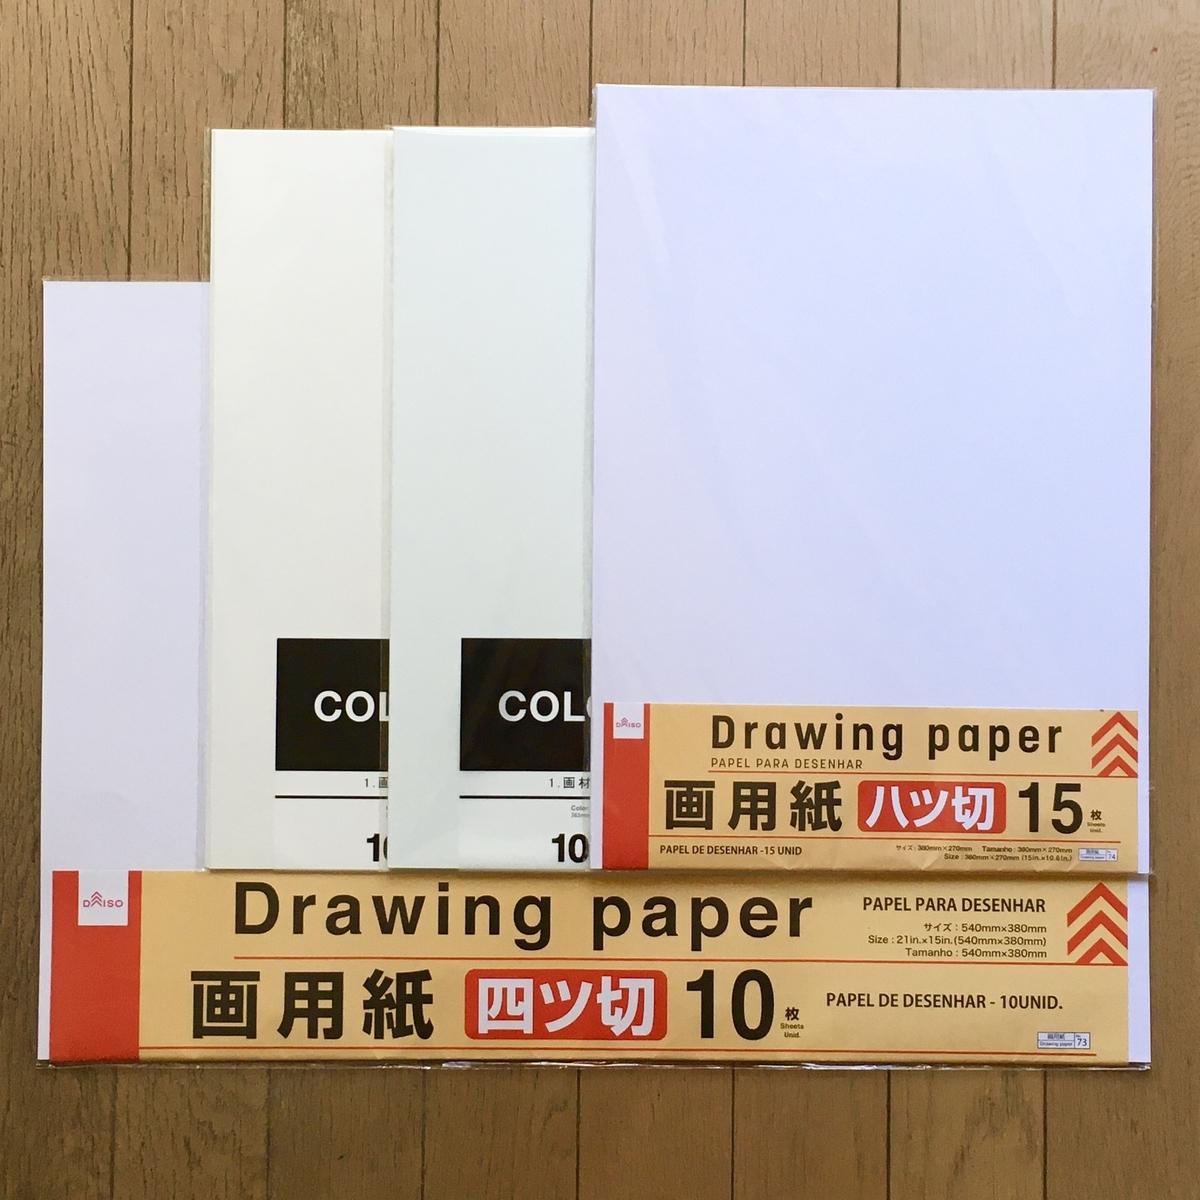 ミモモスティがダイソーで購入した三種類の白色の紙の四種